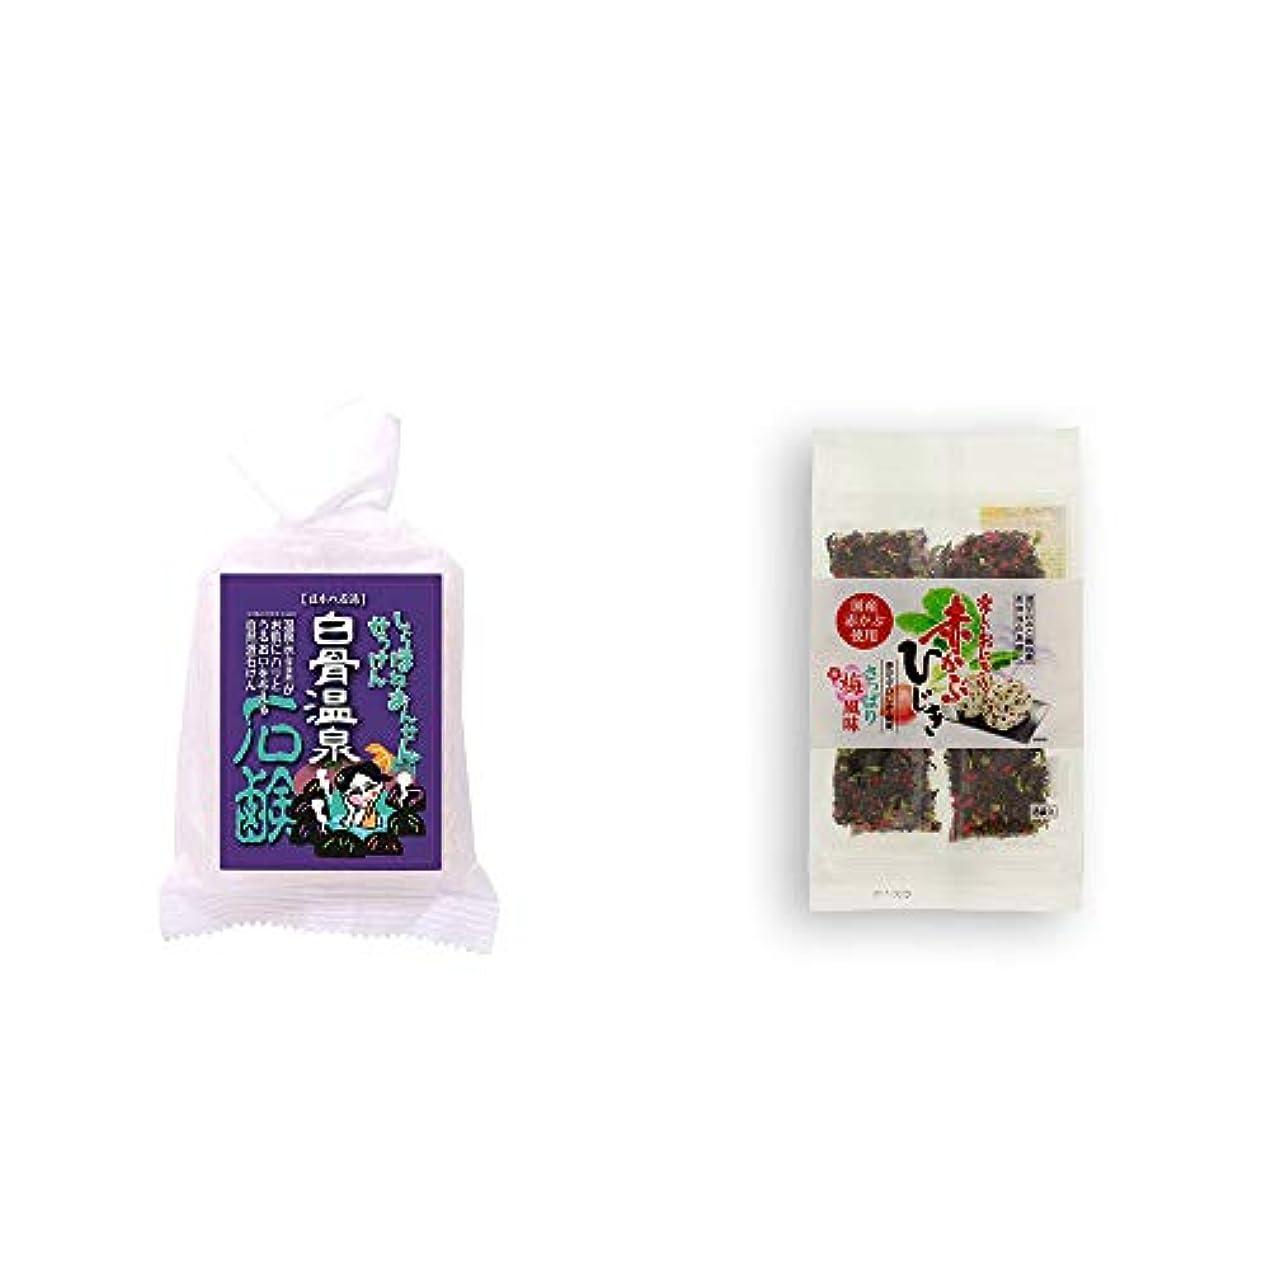 ロケットビームテラス[2点セット] 信州 白骨温泉石鹸(80g)?楽しいおにぎり 赤かぶひじき(8g×8袋)